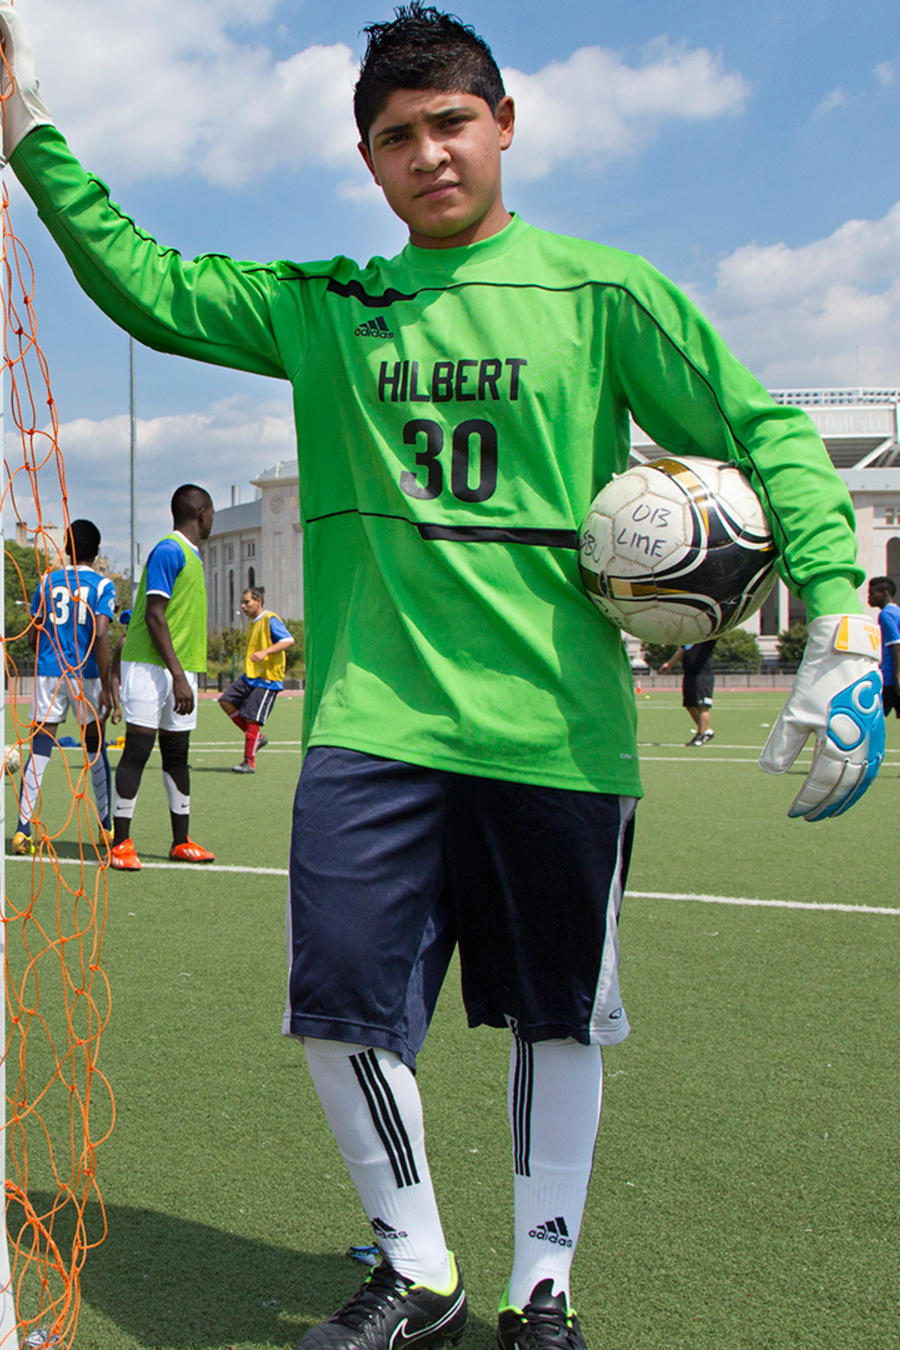 Christian Contreras, de 16 años, posa para una foto antes de jugar a fútbol en el condado del Bronx, en Nueva York, el sábado 29 de agosto del 2015